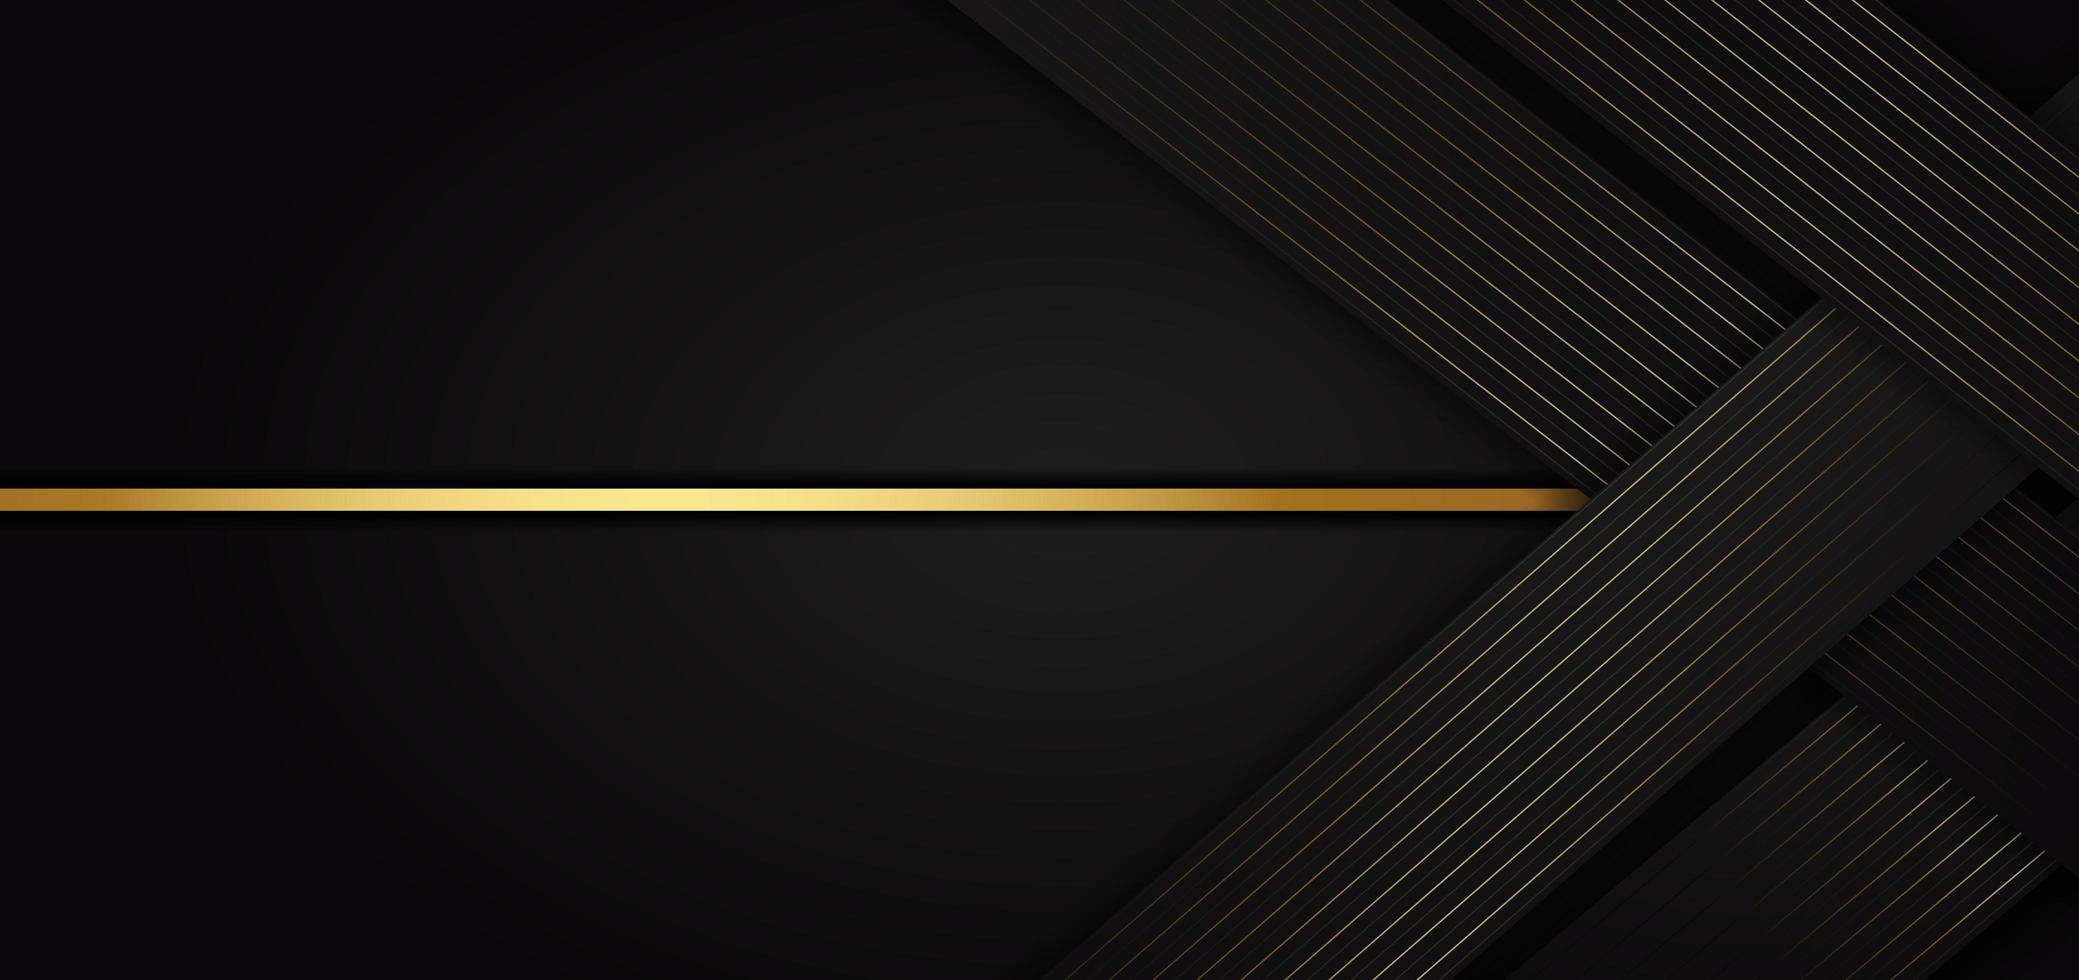 plantilla abstracta con elementos negros y dorados vector